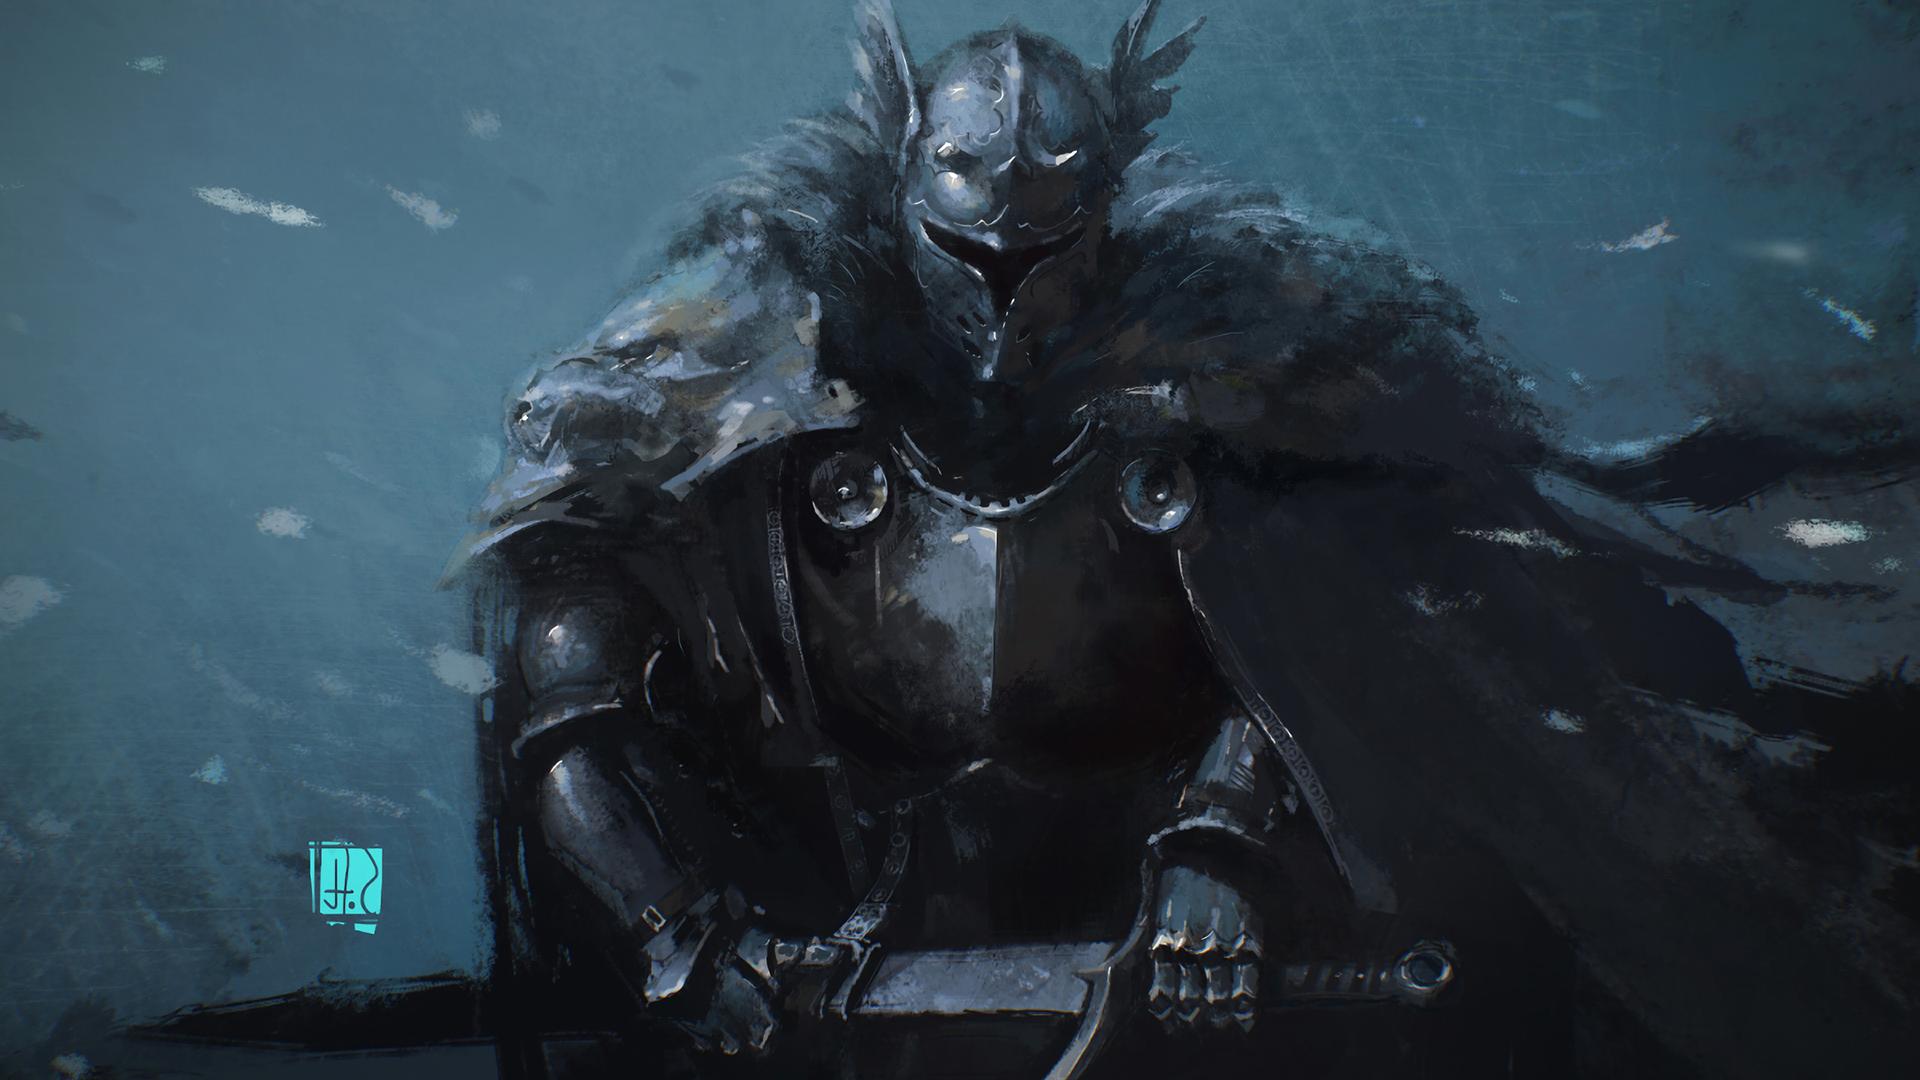 Fantasy Knight Wallpaper - WallpaperSafari